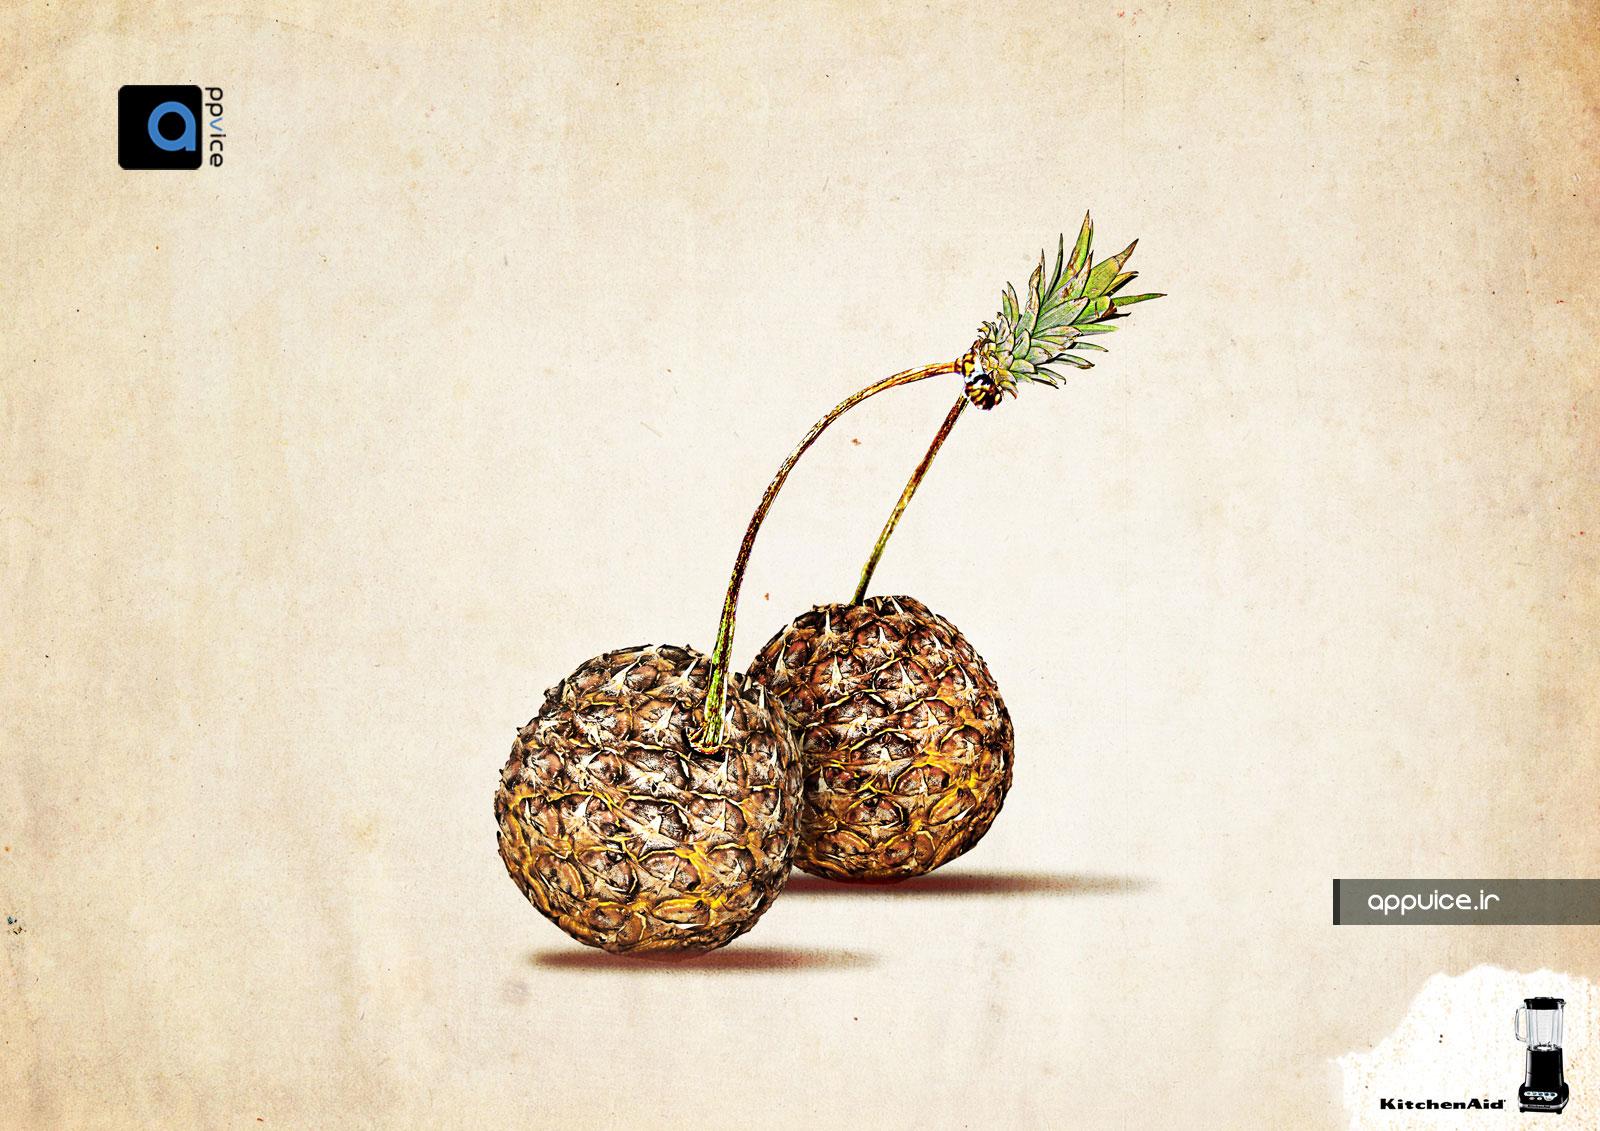 تبلیغات خلاقانه و ایده تبلیغاتی KitchenAid